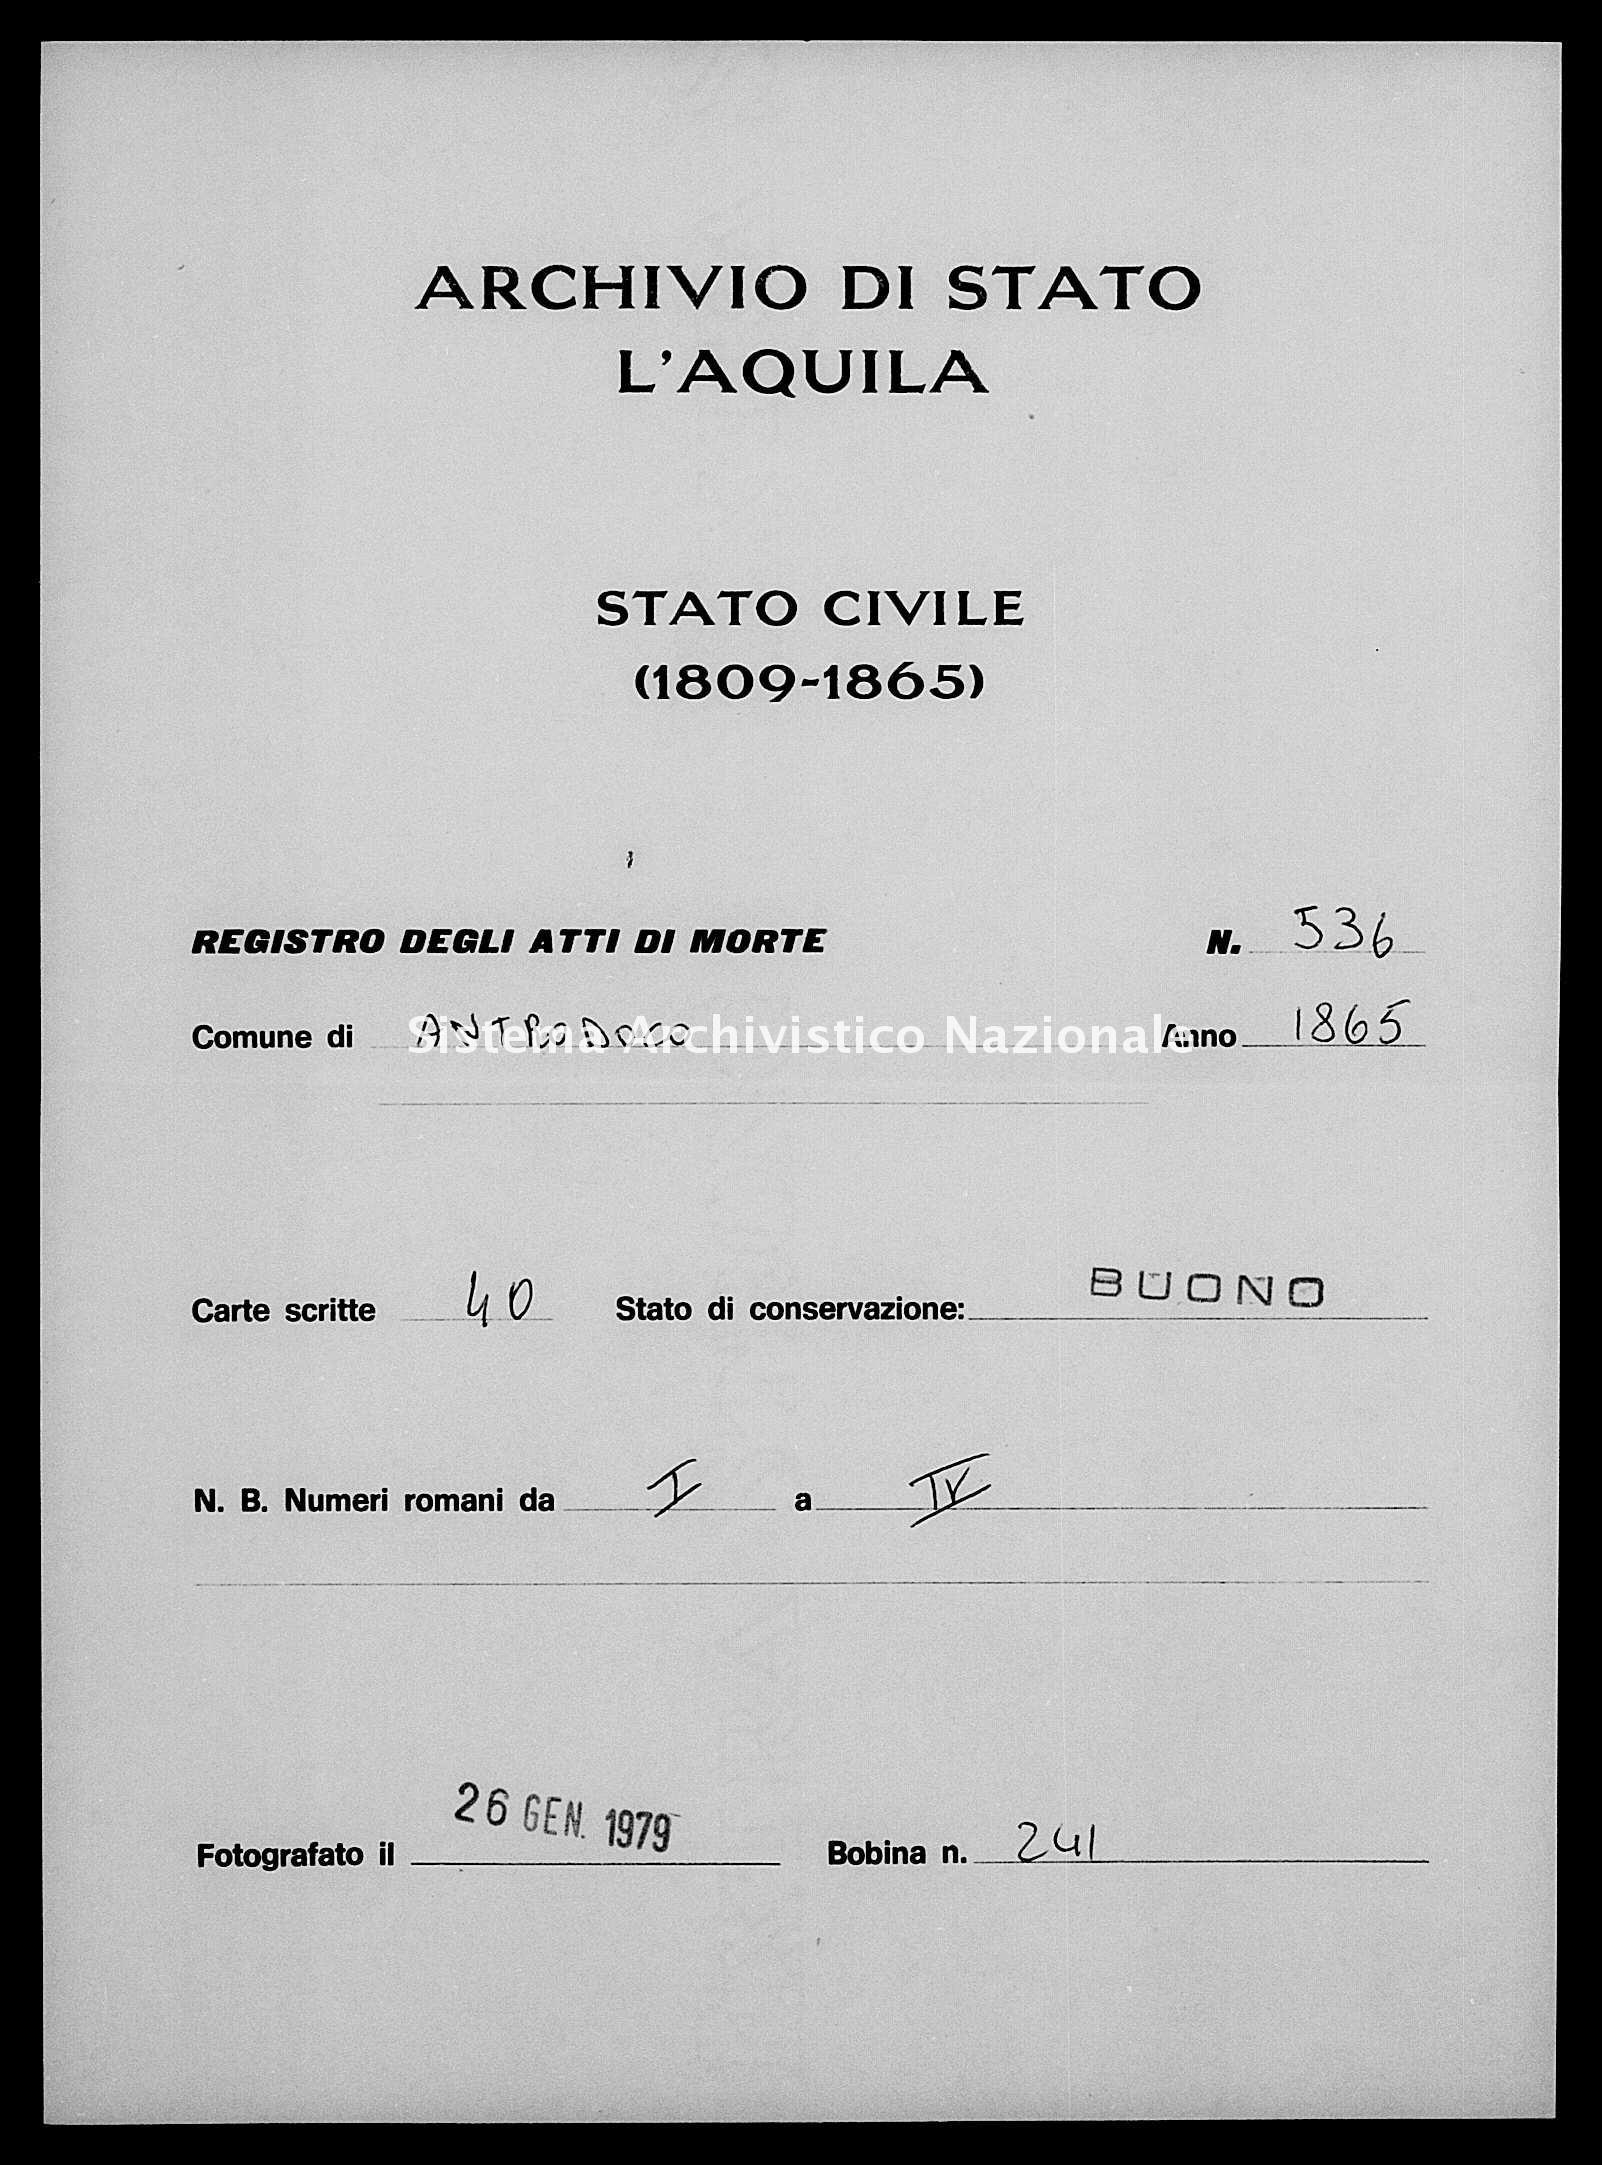 Archivio di stato di L'aquila - Stato civile italiano - Antrodoco - Morti - 1865 - 536 -